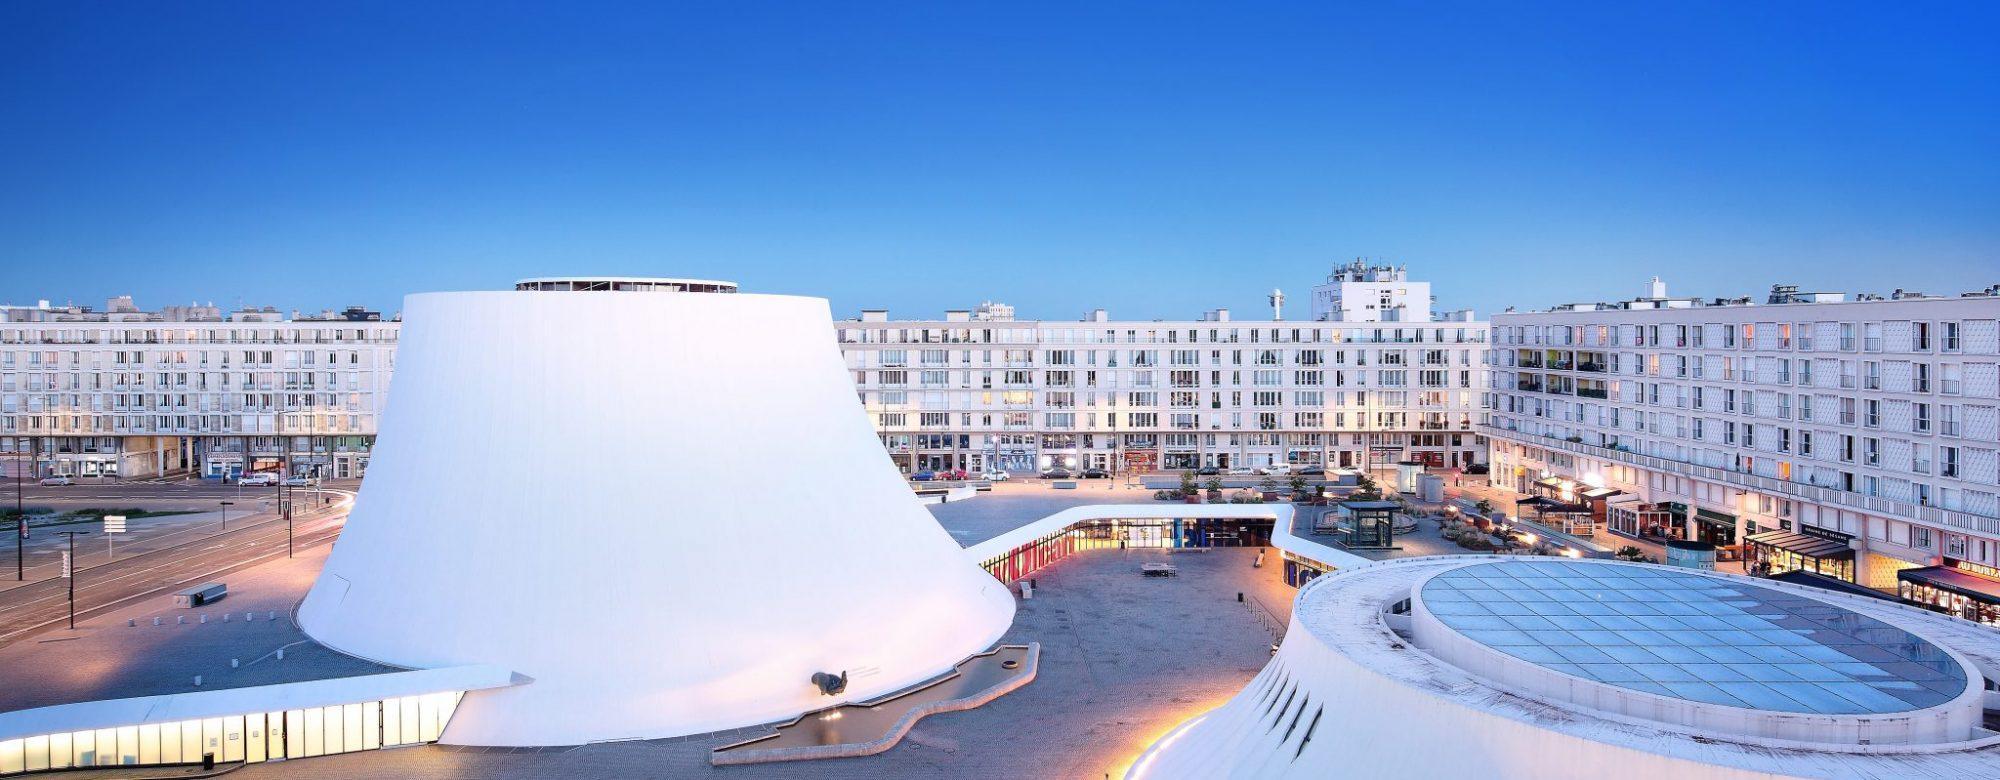 Le volcan, centre-ville du Havre-DR Office de Tourisme du Havre